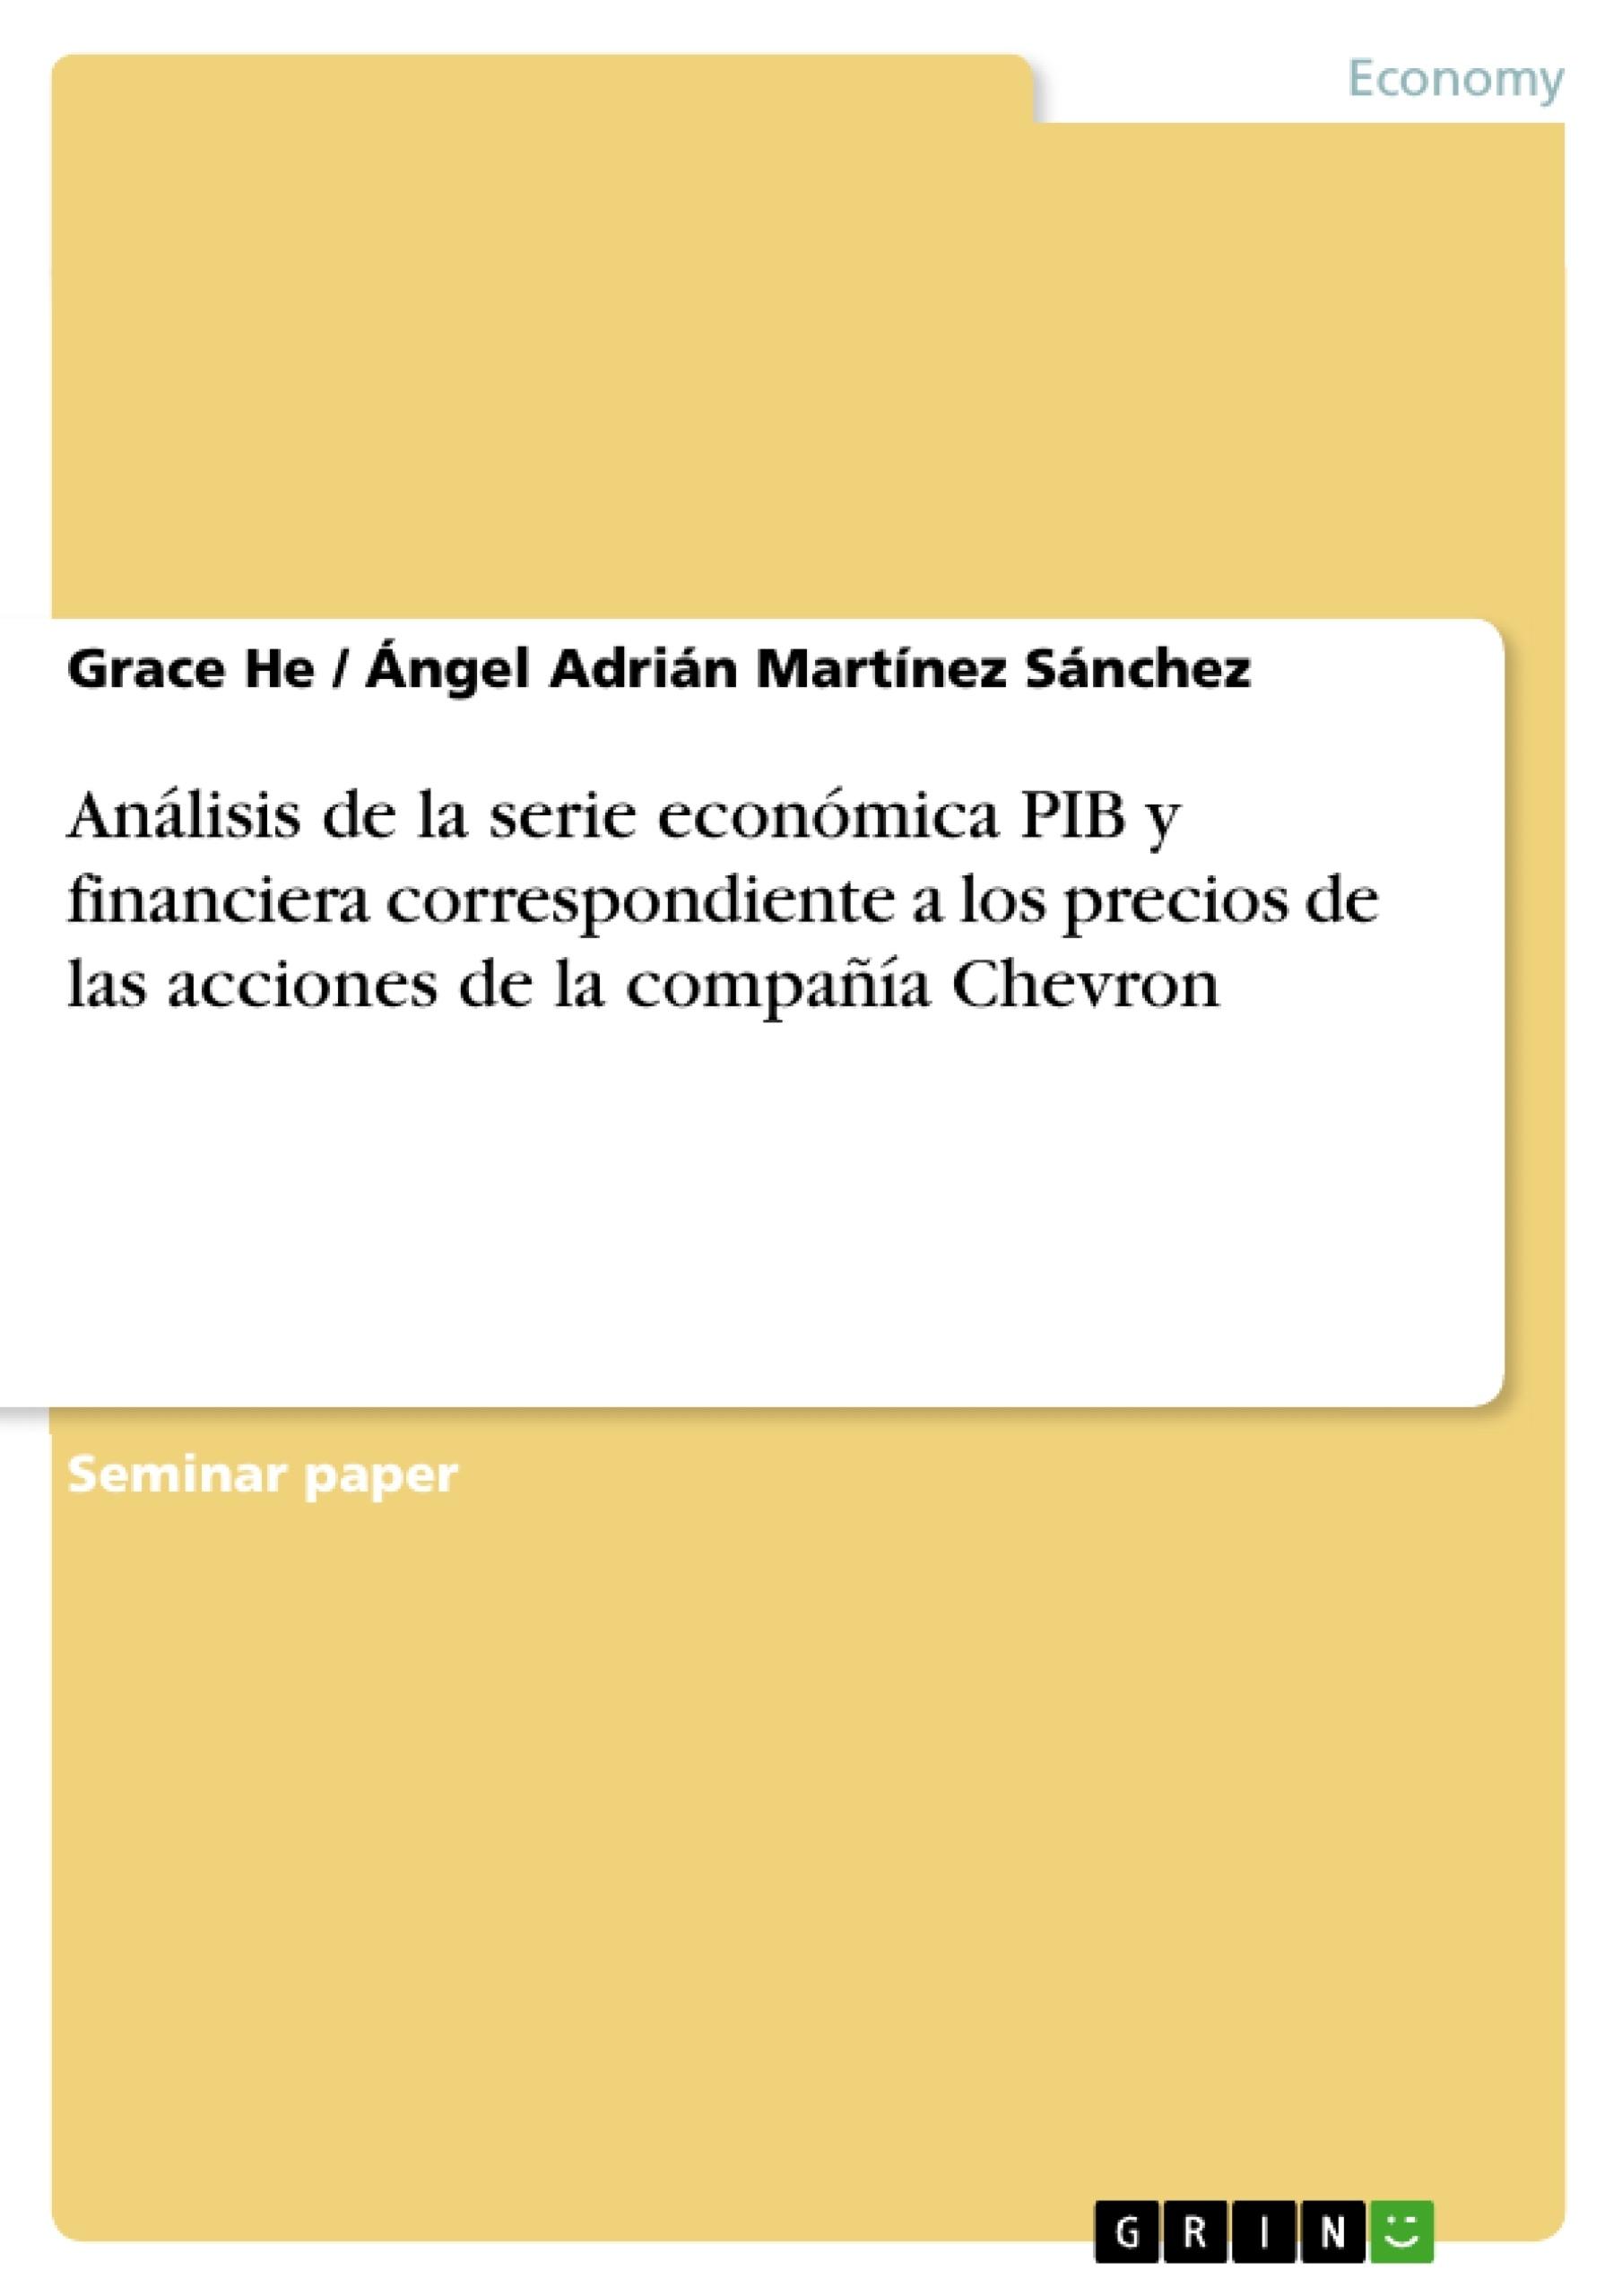 Título: Análisis de la serie económica PIB y financiera correspondiente a los precios de las acciones de la compañía Chevron